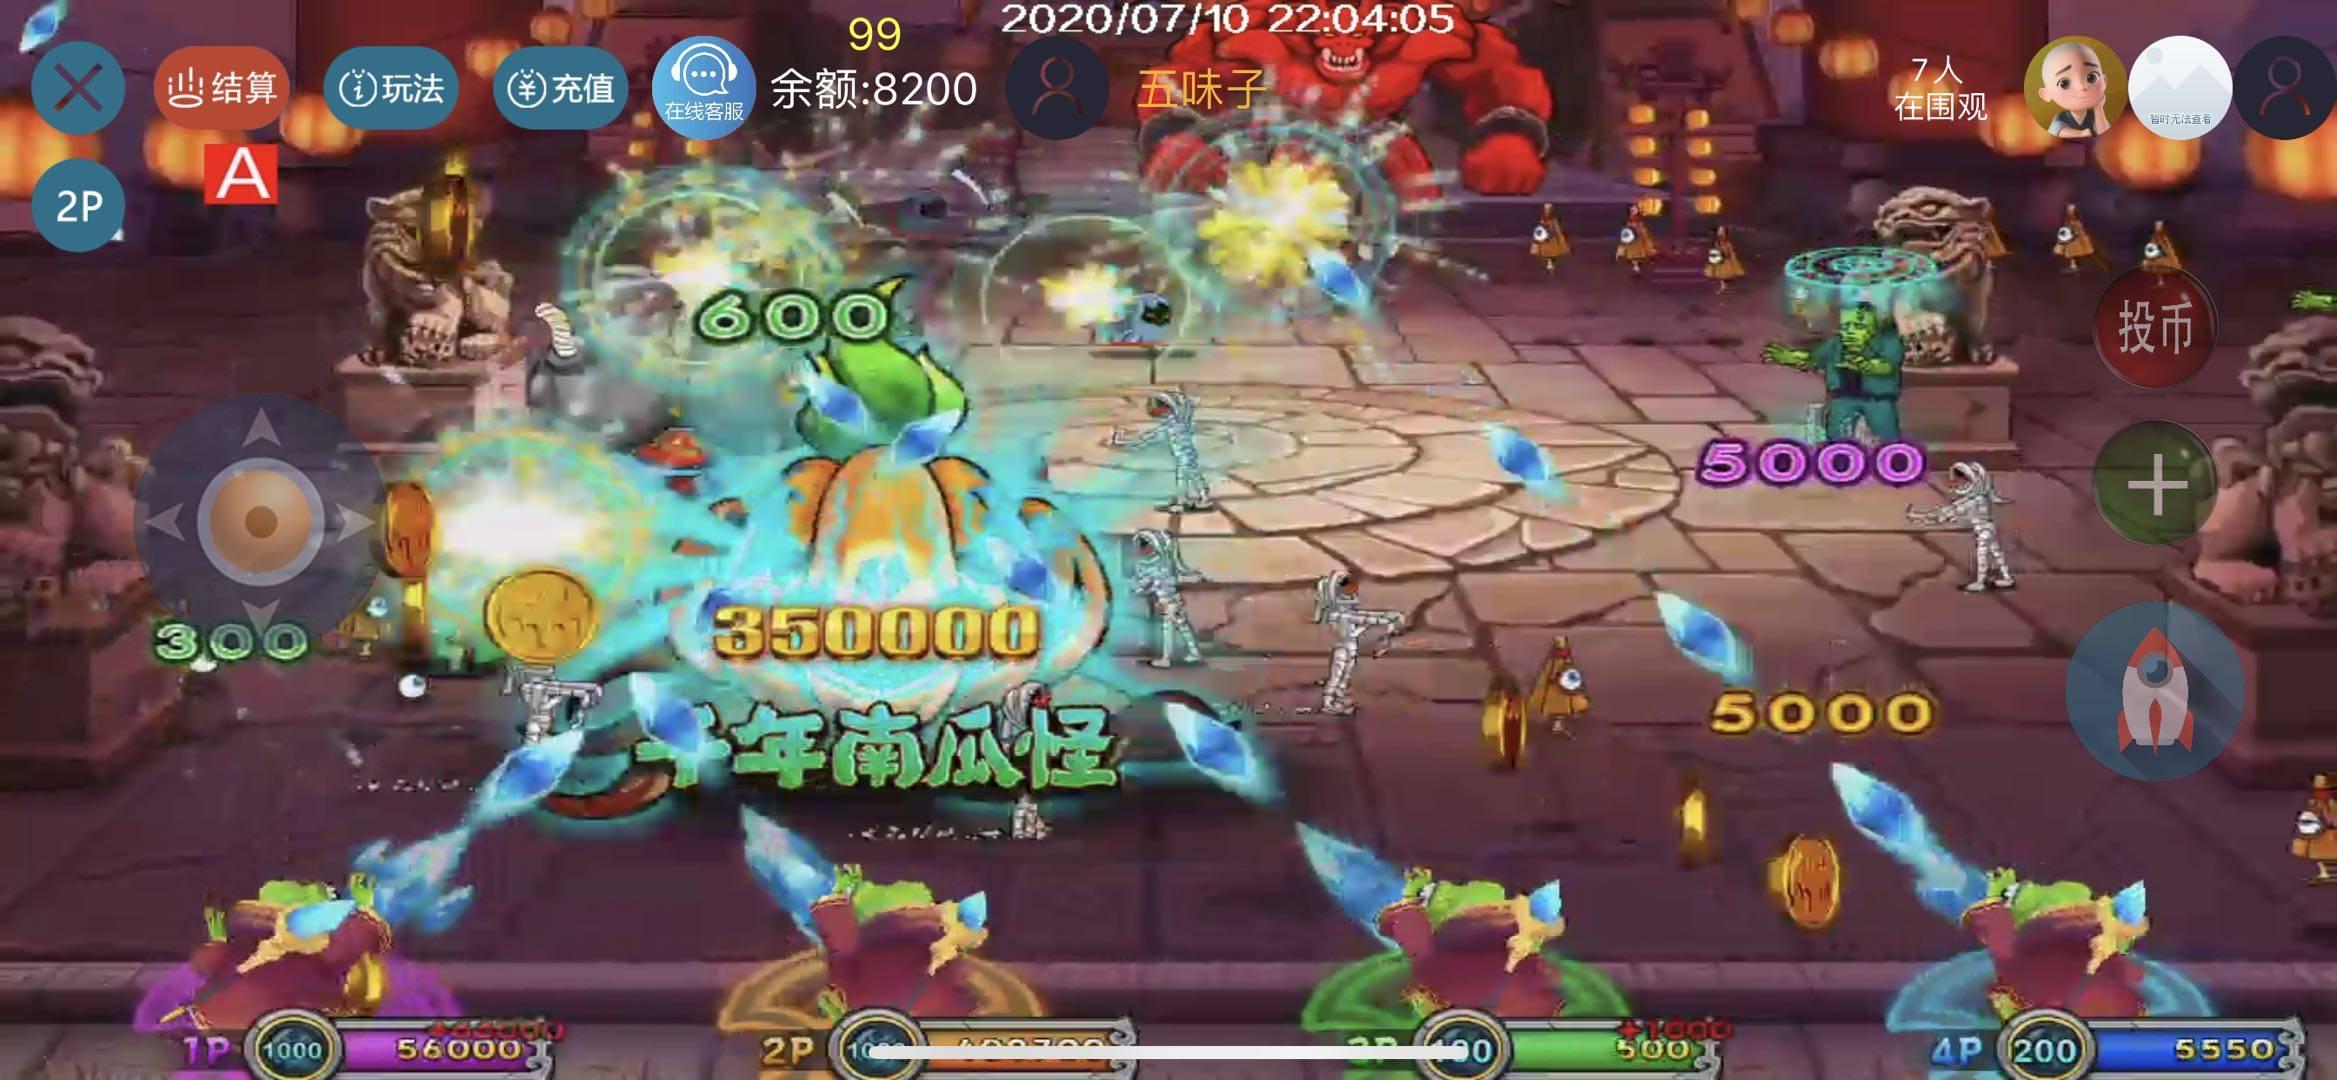 火爆电玩城的游戏街机手机版本玩法直播技巧决战万圣夜